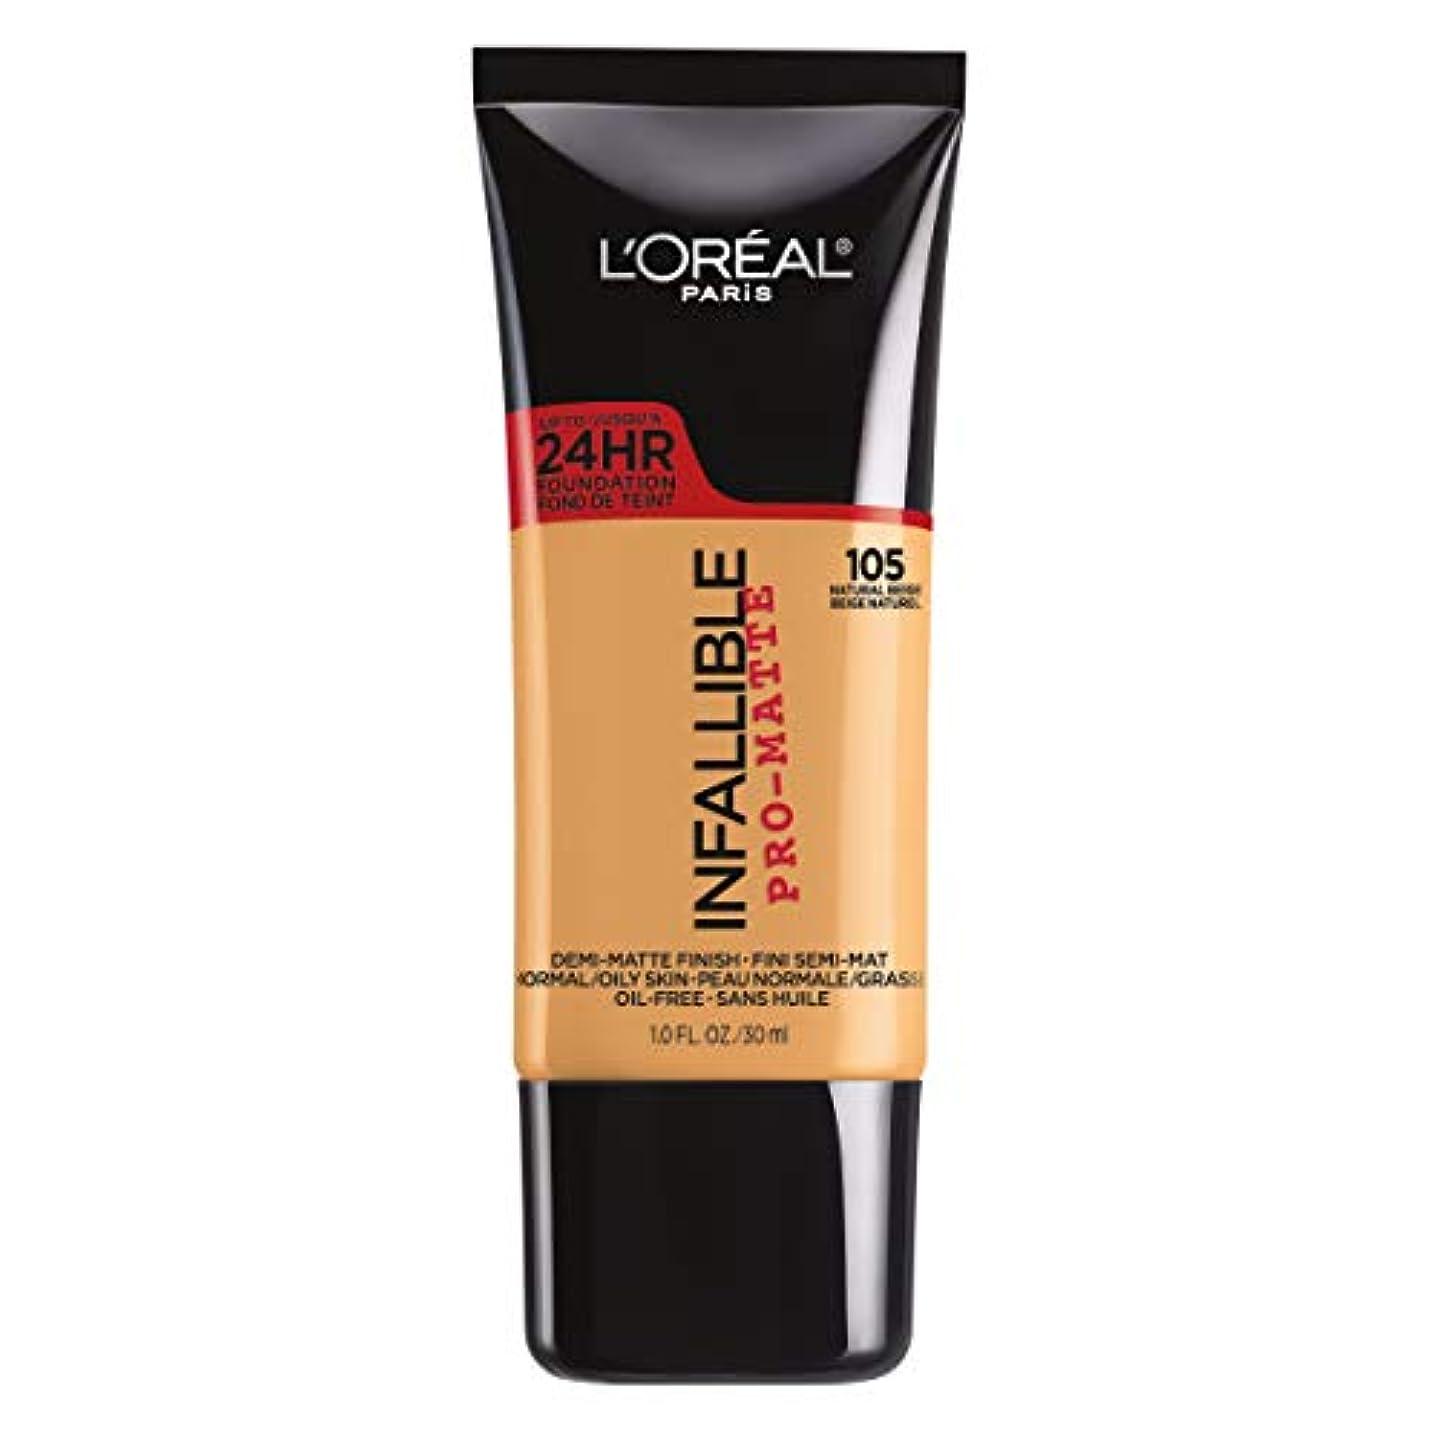 パフ忌まわしい冒険者L'Oreal Paris Infallible Pro-Matte Foundation Makeup, 105 Natural Beige, 1 fl. oz[並行輸入品]